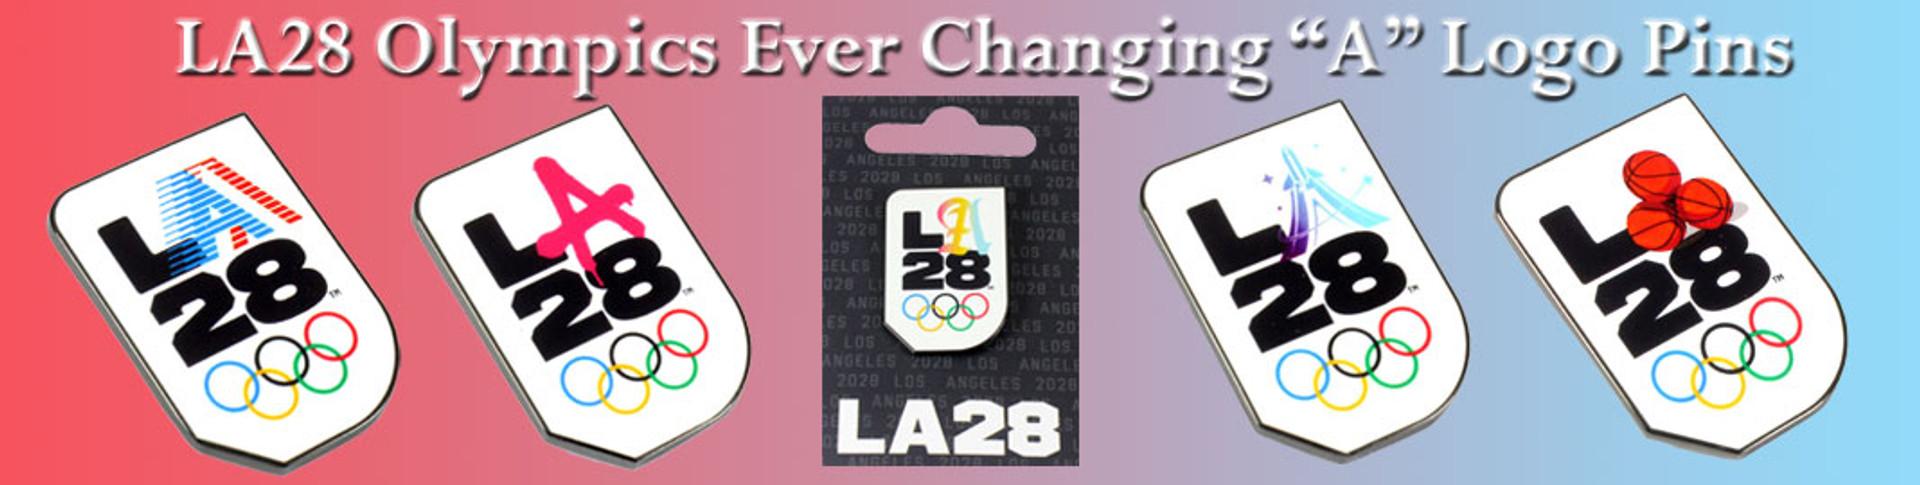 la28 olympics pins